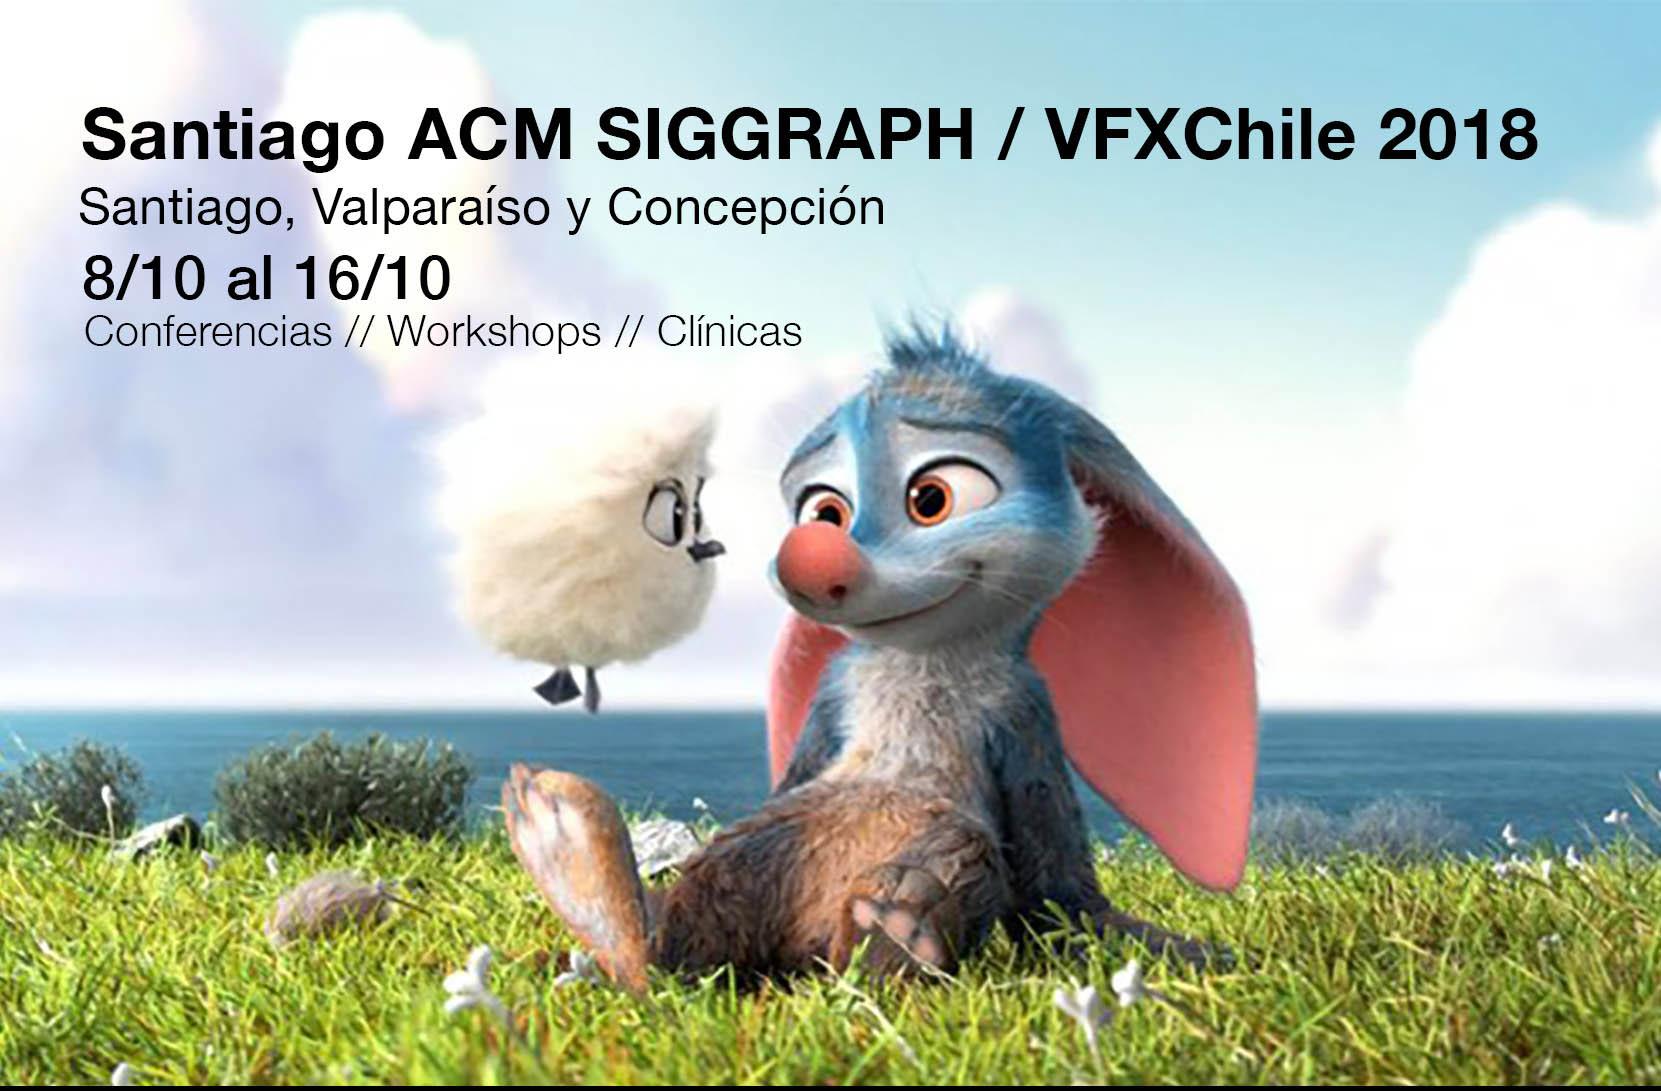 Santiago ACM SIGGRAPH / VFXChile 2018 albergará durante una semana a las principales exponentes de la industria de la Animación y Efectos Visuales